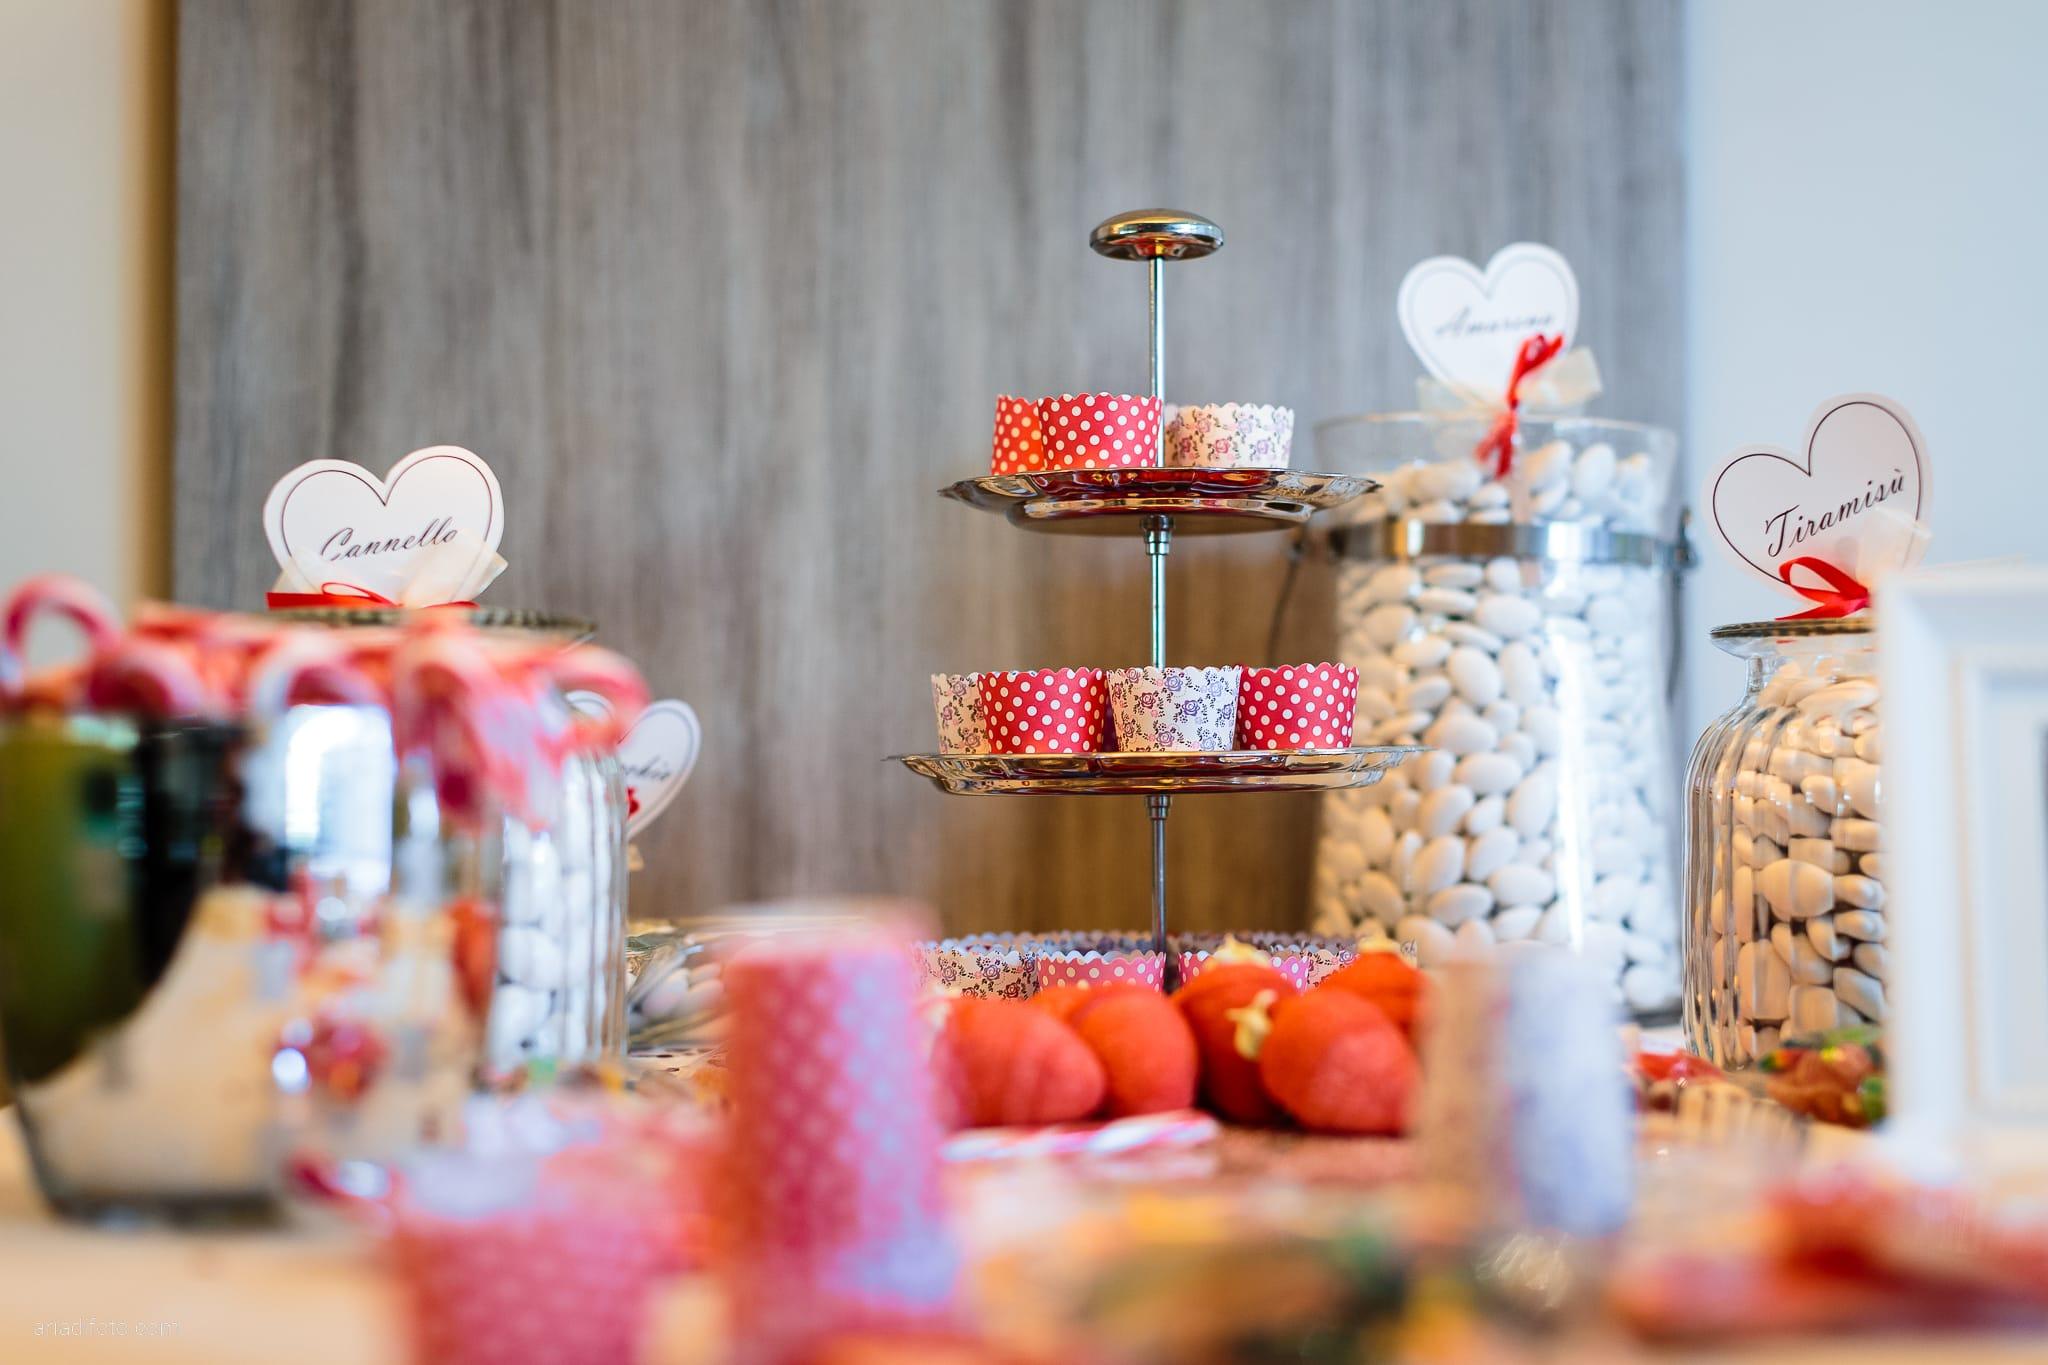 Elena Fabio Matrimonio Monfalcone Castello Gorizia Rusjan Nova Gorica Slovenia ricevimento dettagli tavolo confetti caramelle candy bar